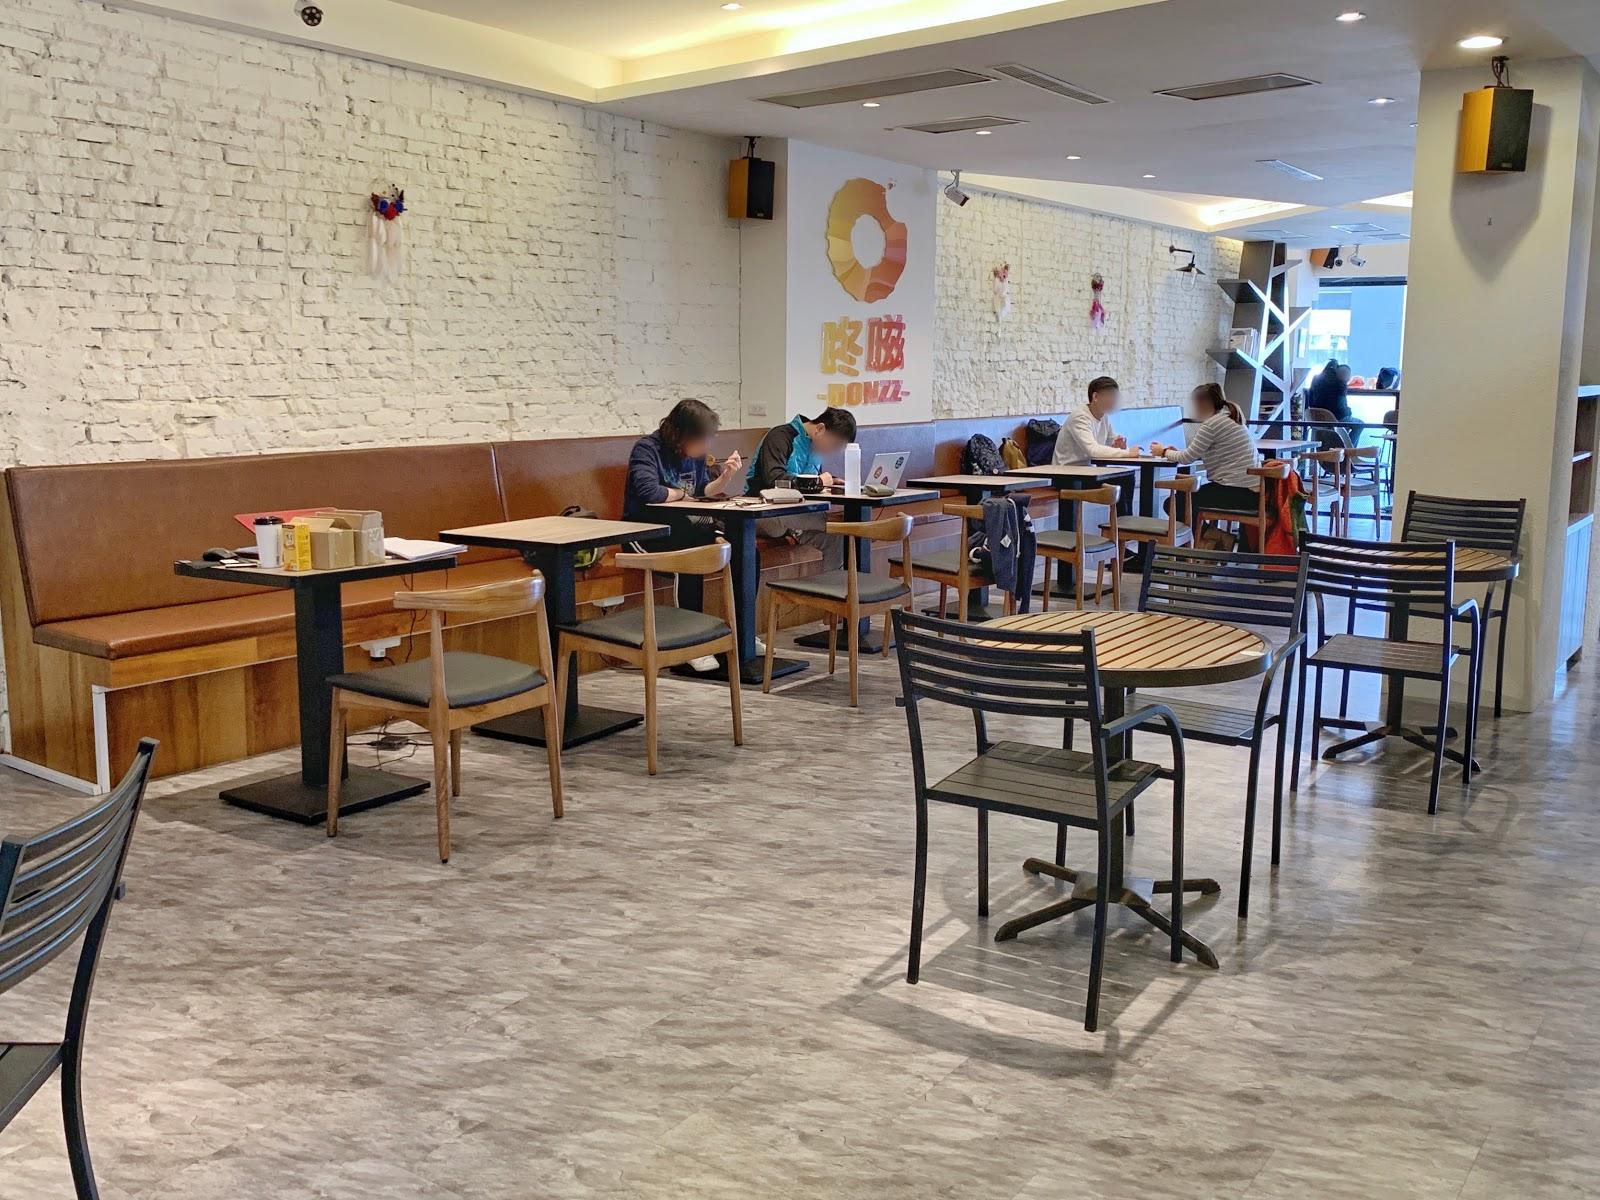 台南東區美食【咚嗞咖啡】用餐環境